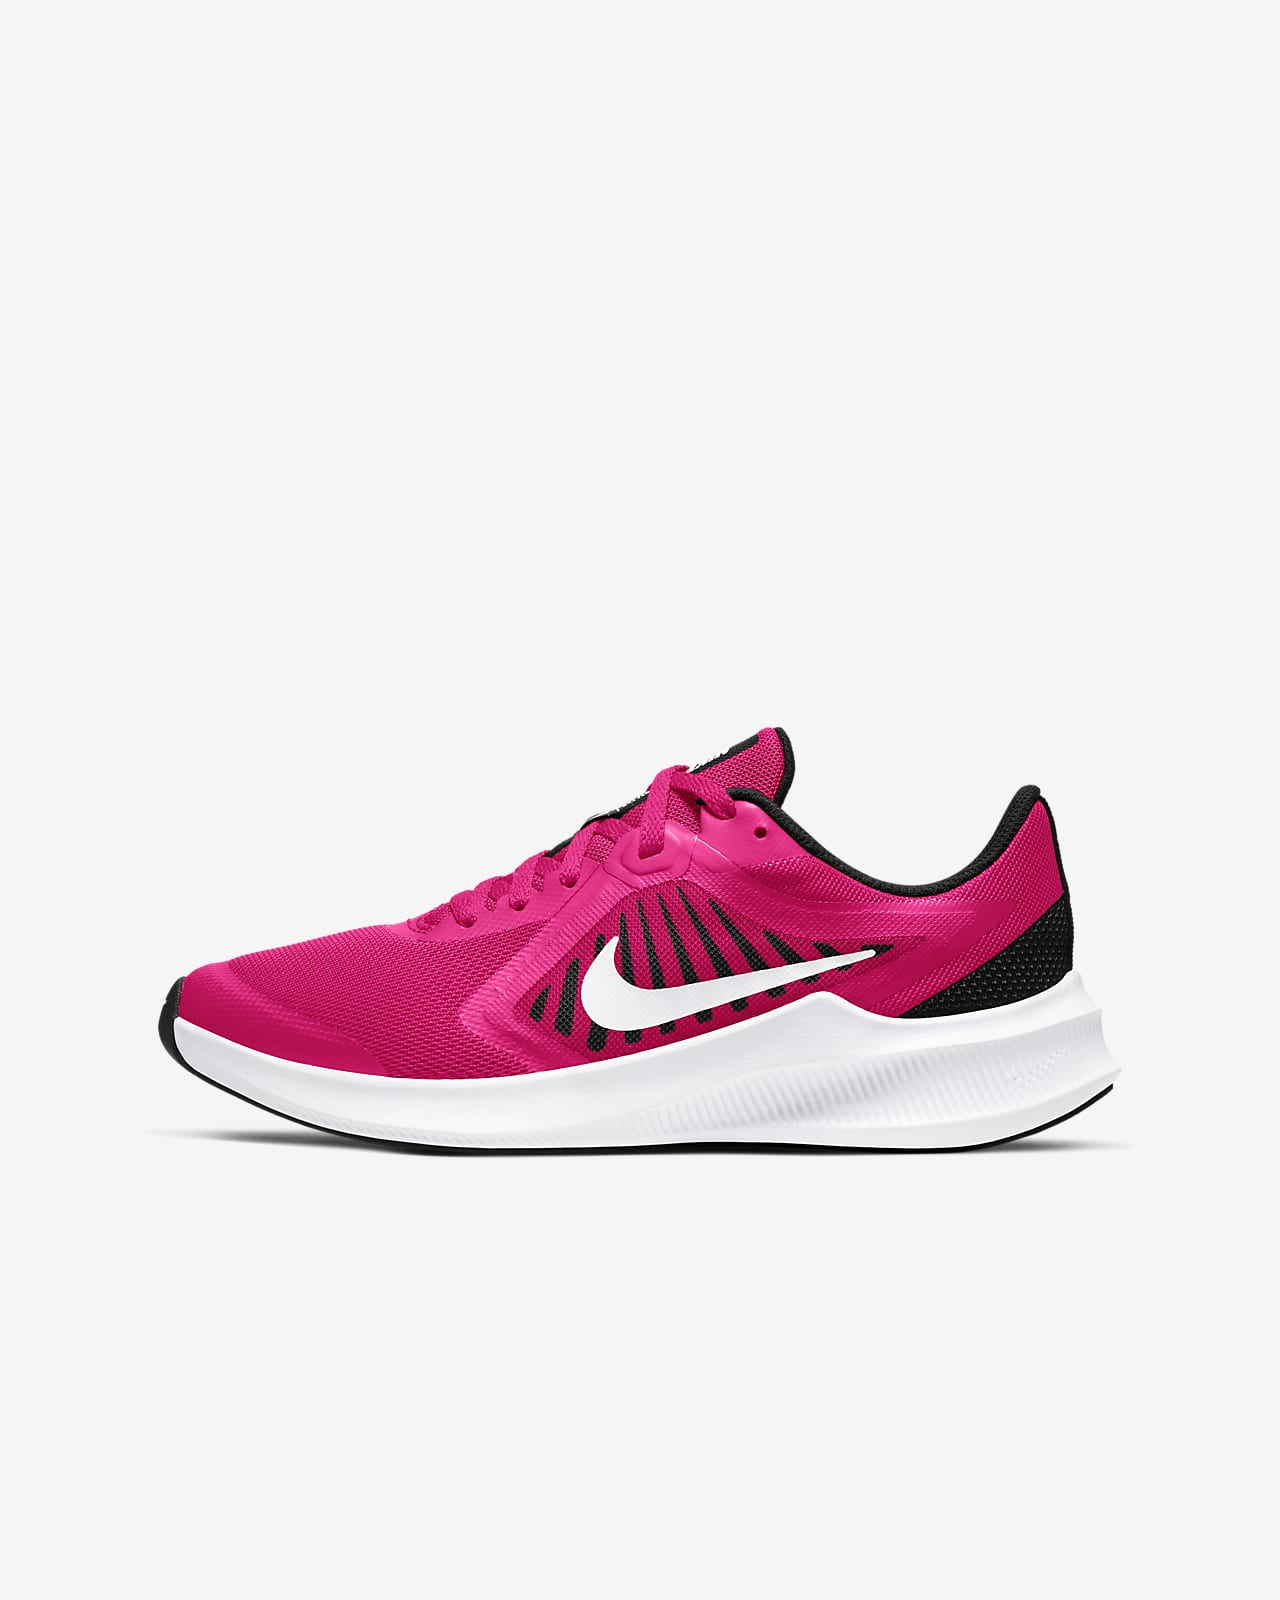 Кроссовки для бега по шоссе для школьников Nike Downshifter 10